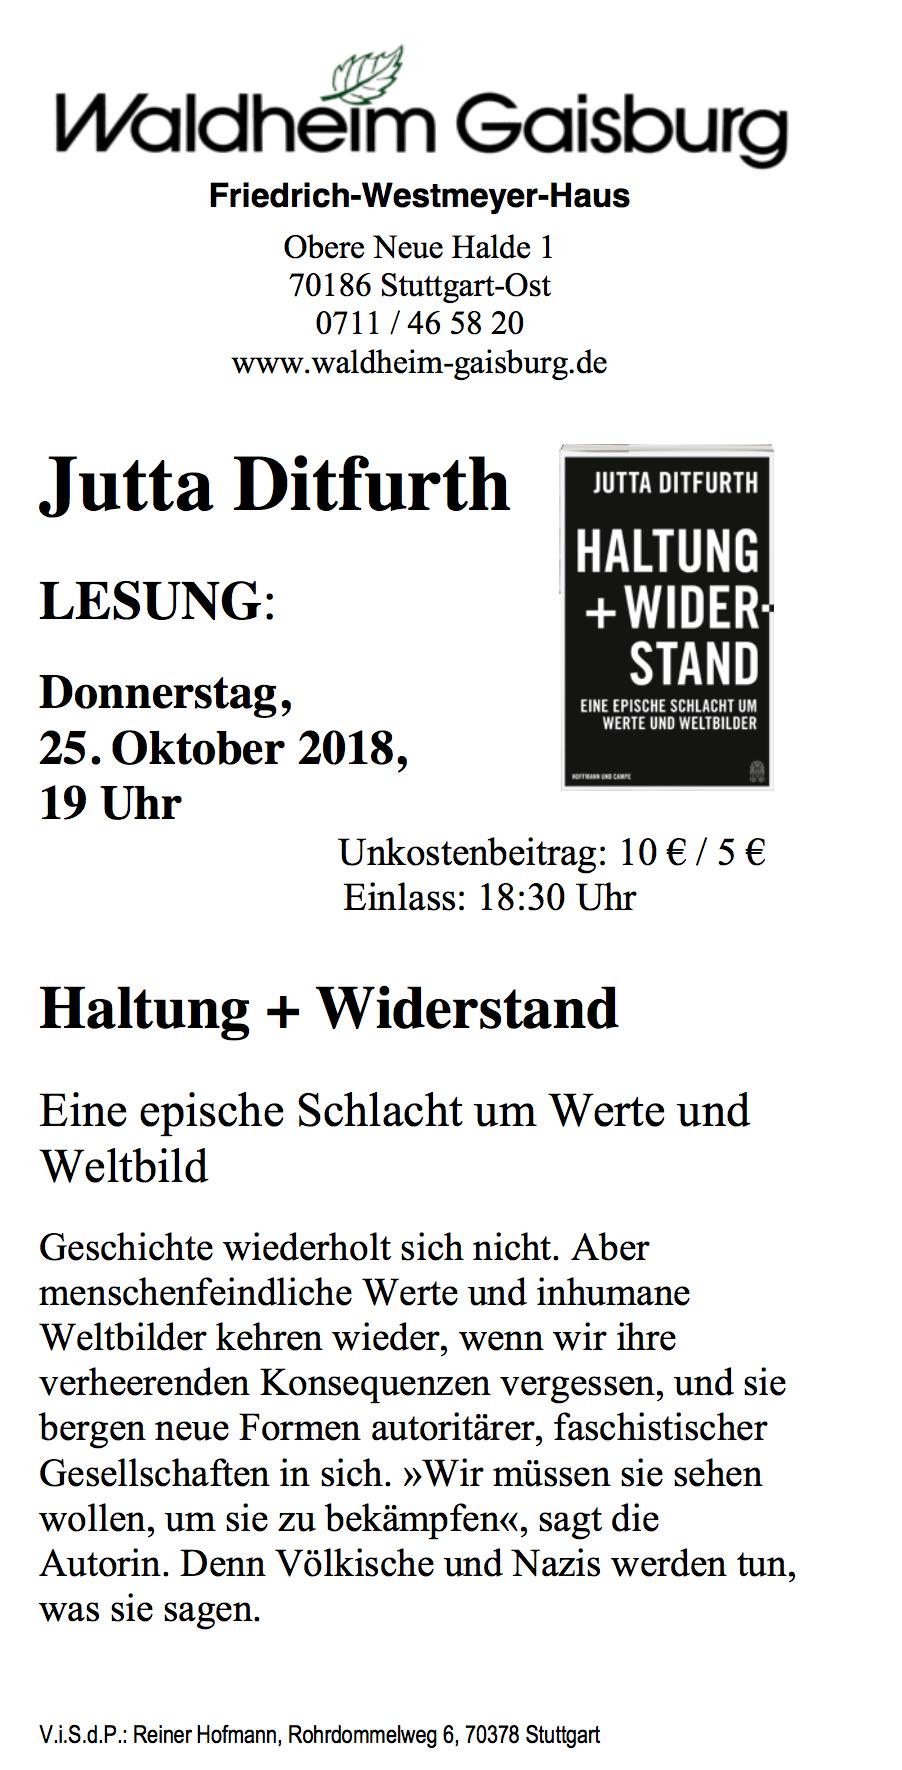 Do. 25.10.2018, STUTTGART, 19:00 Uhr,  Jutta Ditfurth: »Haltung + Widerstand« Vortrag & Diskussion.  Ort: Waldheim Gaisburg, Obere Neue Halde 1 70186 Stuttgart-Ost Einlass: 18:30 Uhr